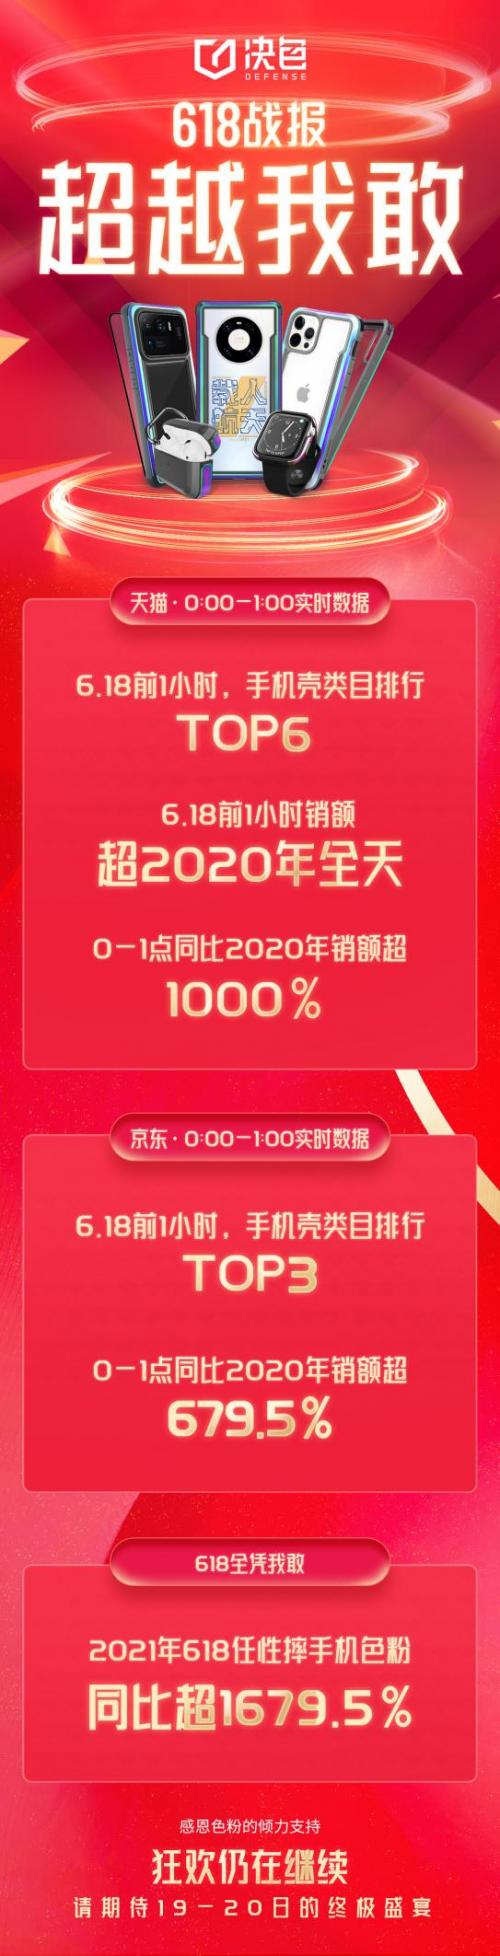 618卖爆!手机壳品牌决色,凭啥在京东获手机壳店铺排行榜冠军?